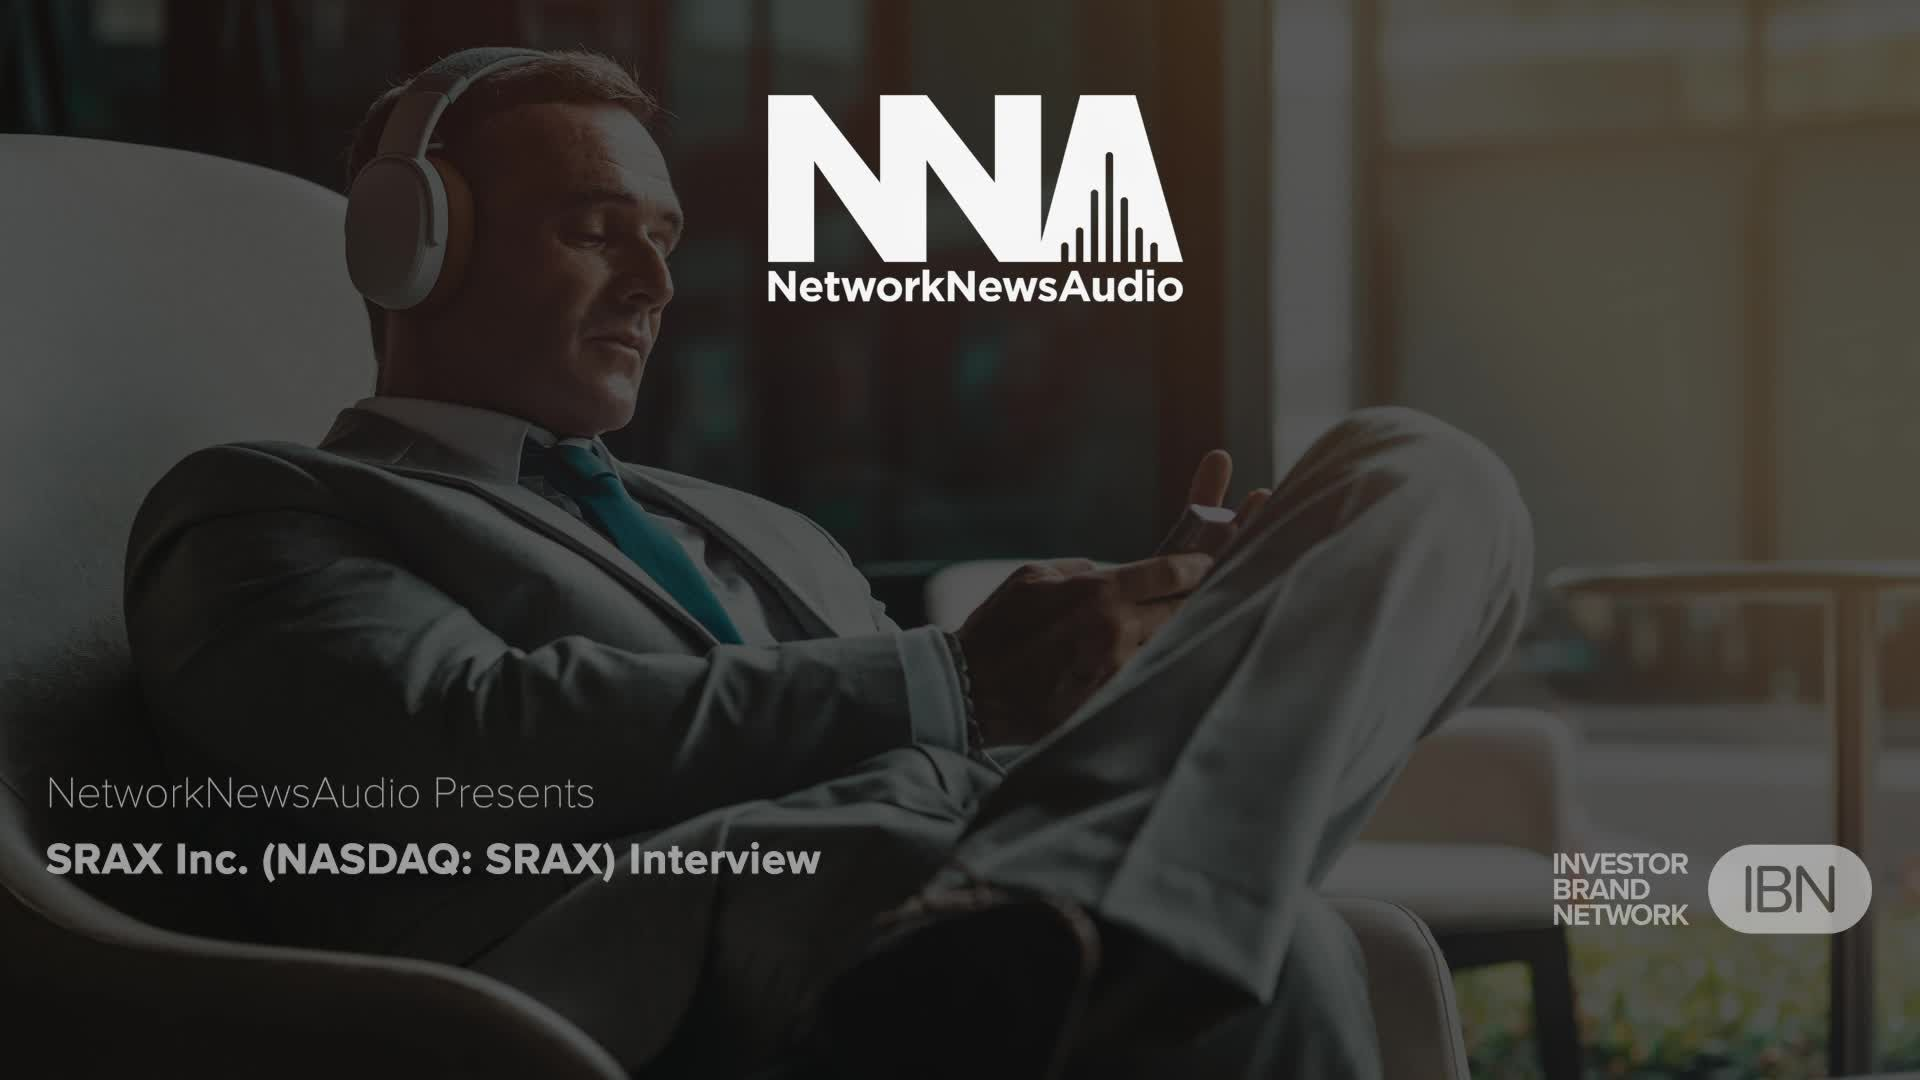 SRAX Inc. (NASDAQ: SRAX) Interview